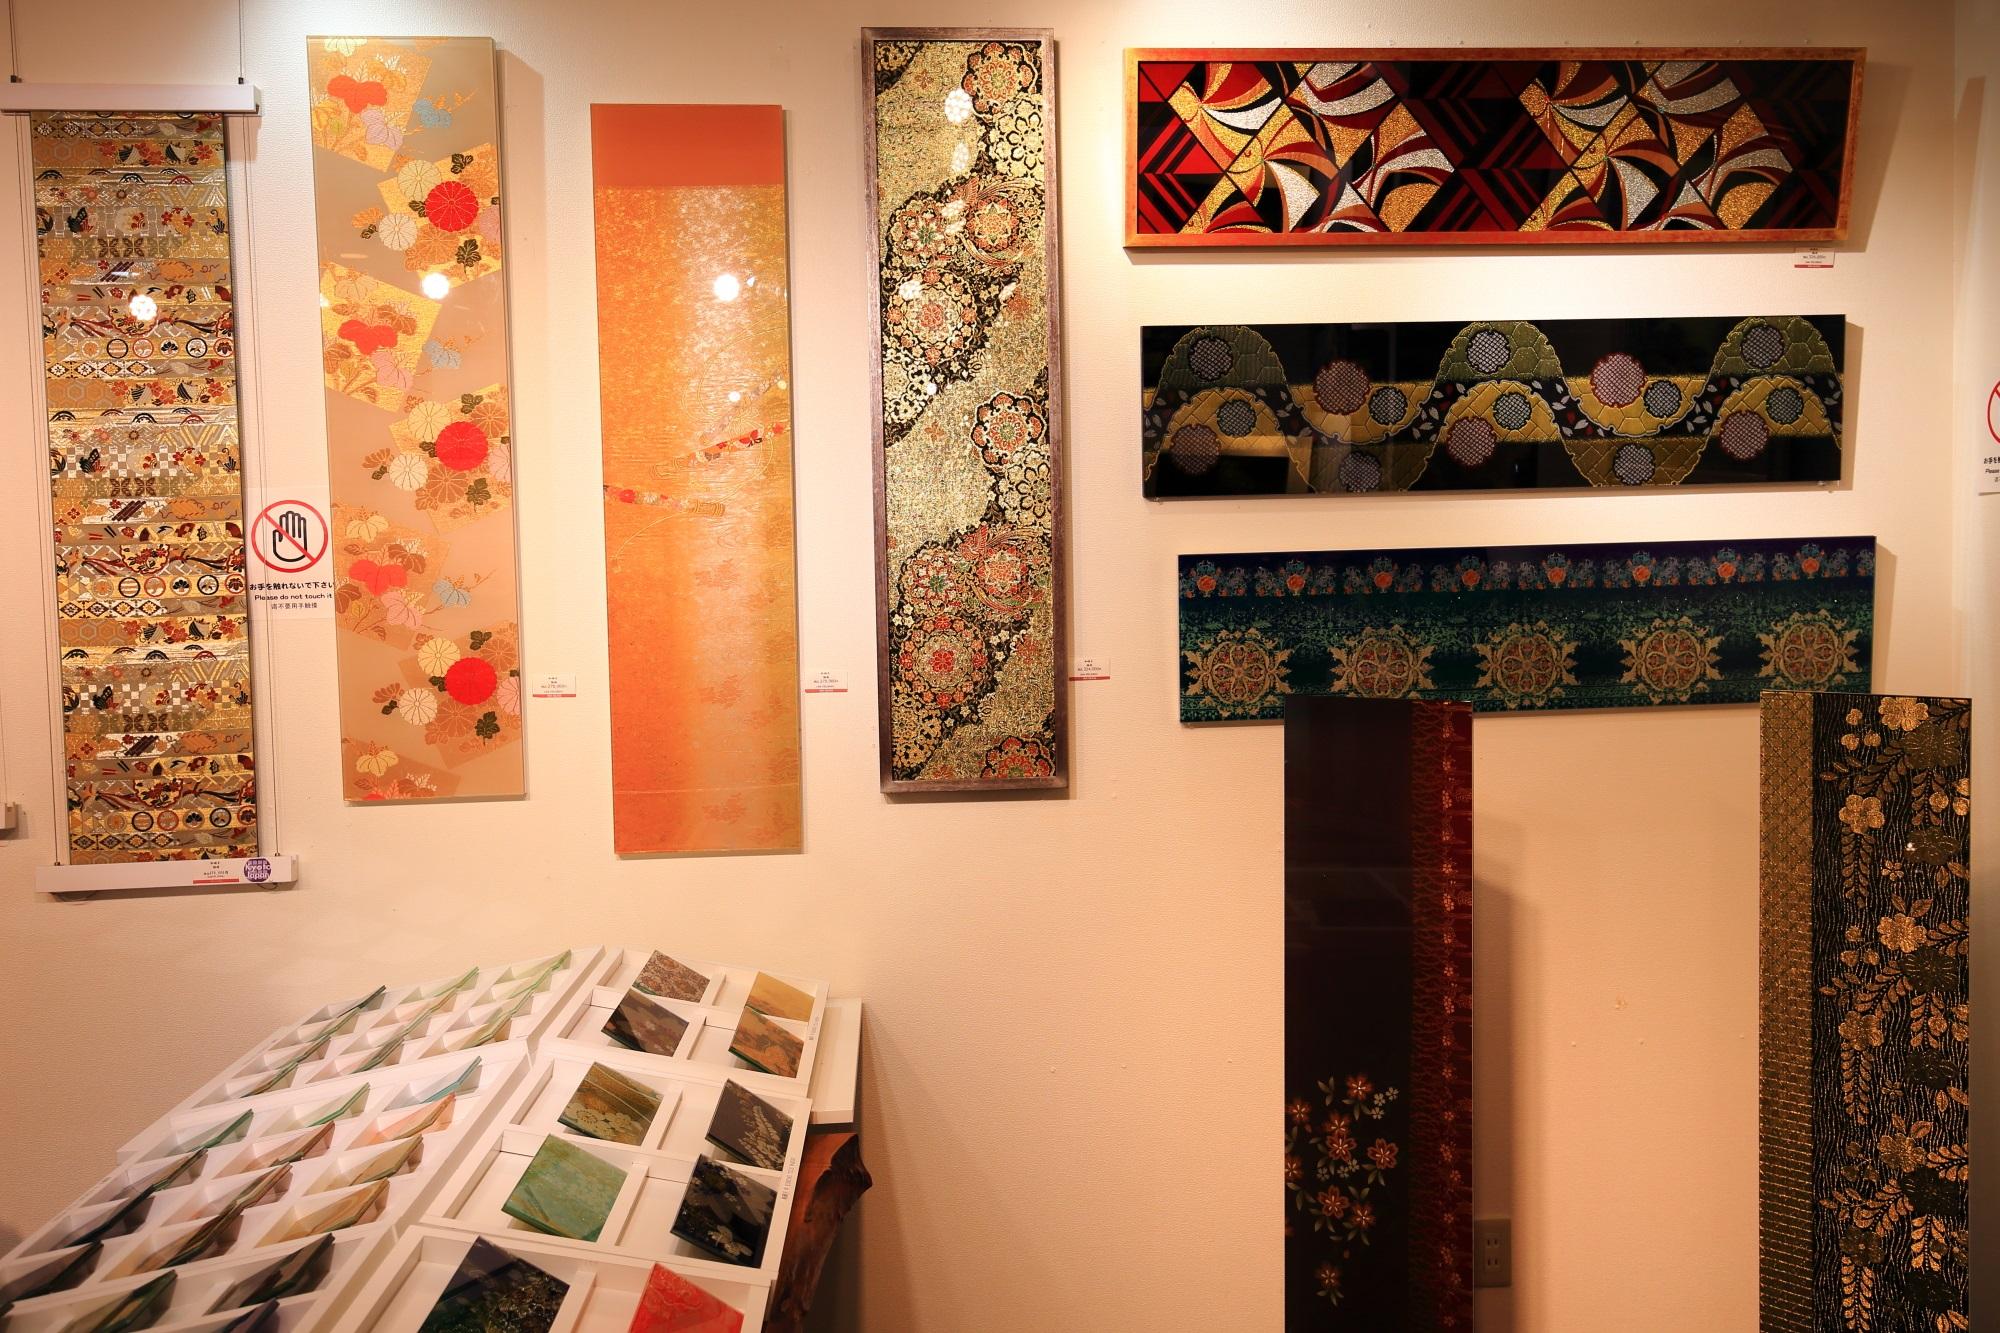 和硝子屋祇園ギャラリーの1階の和柄のガラス